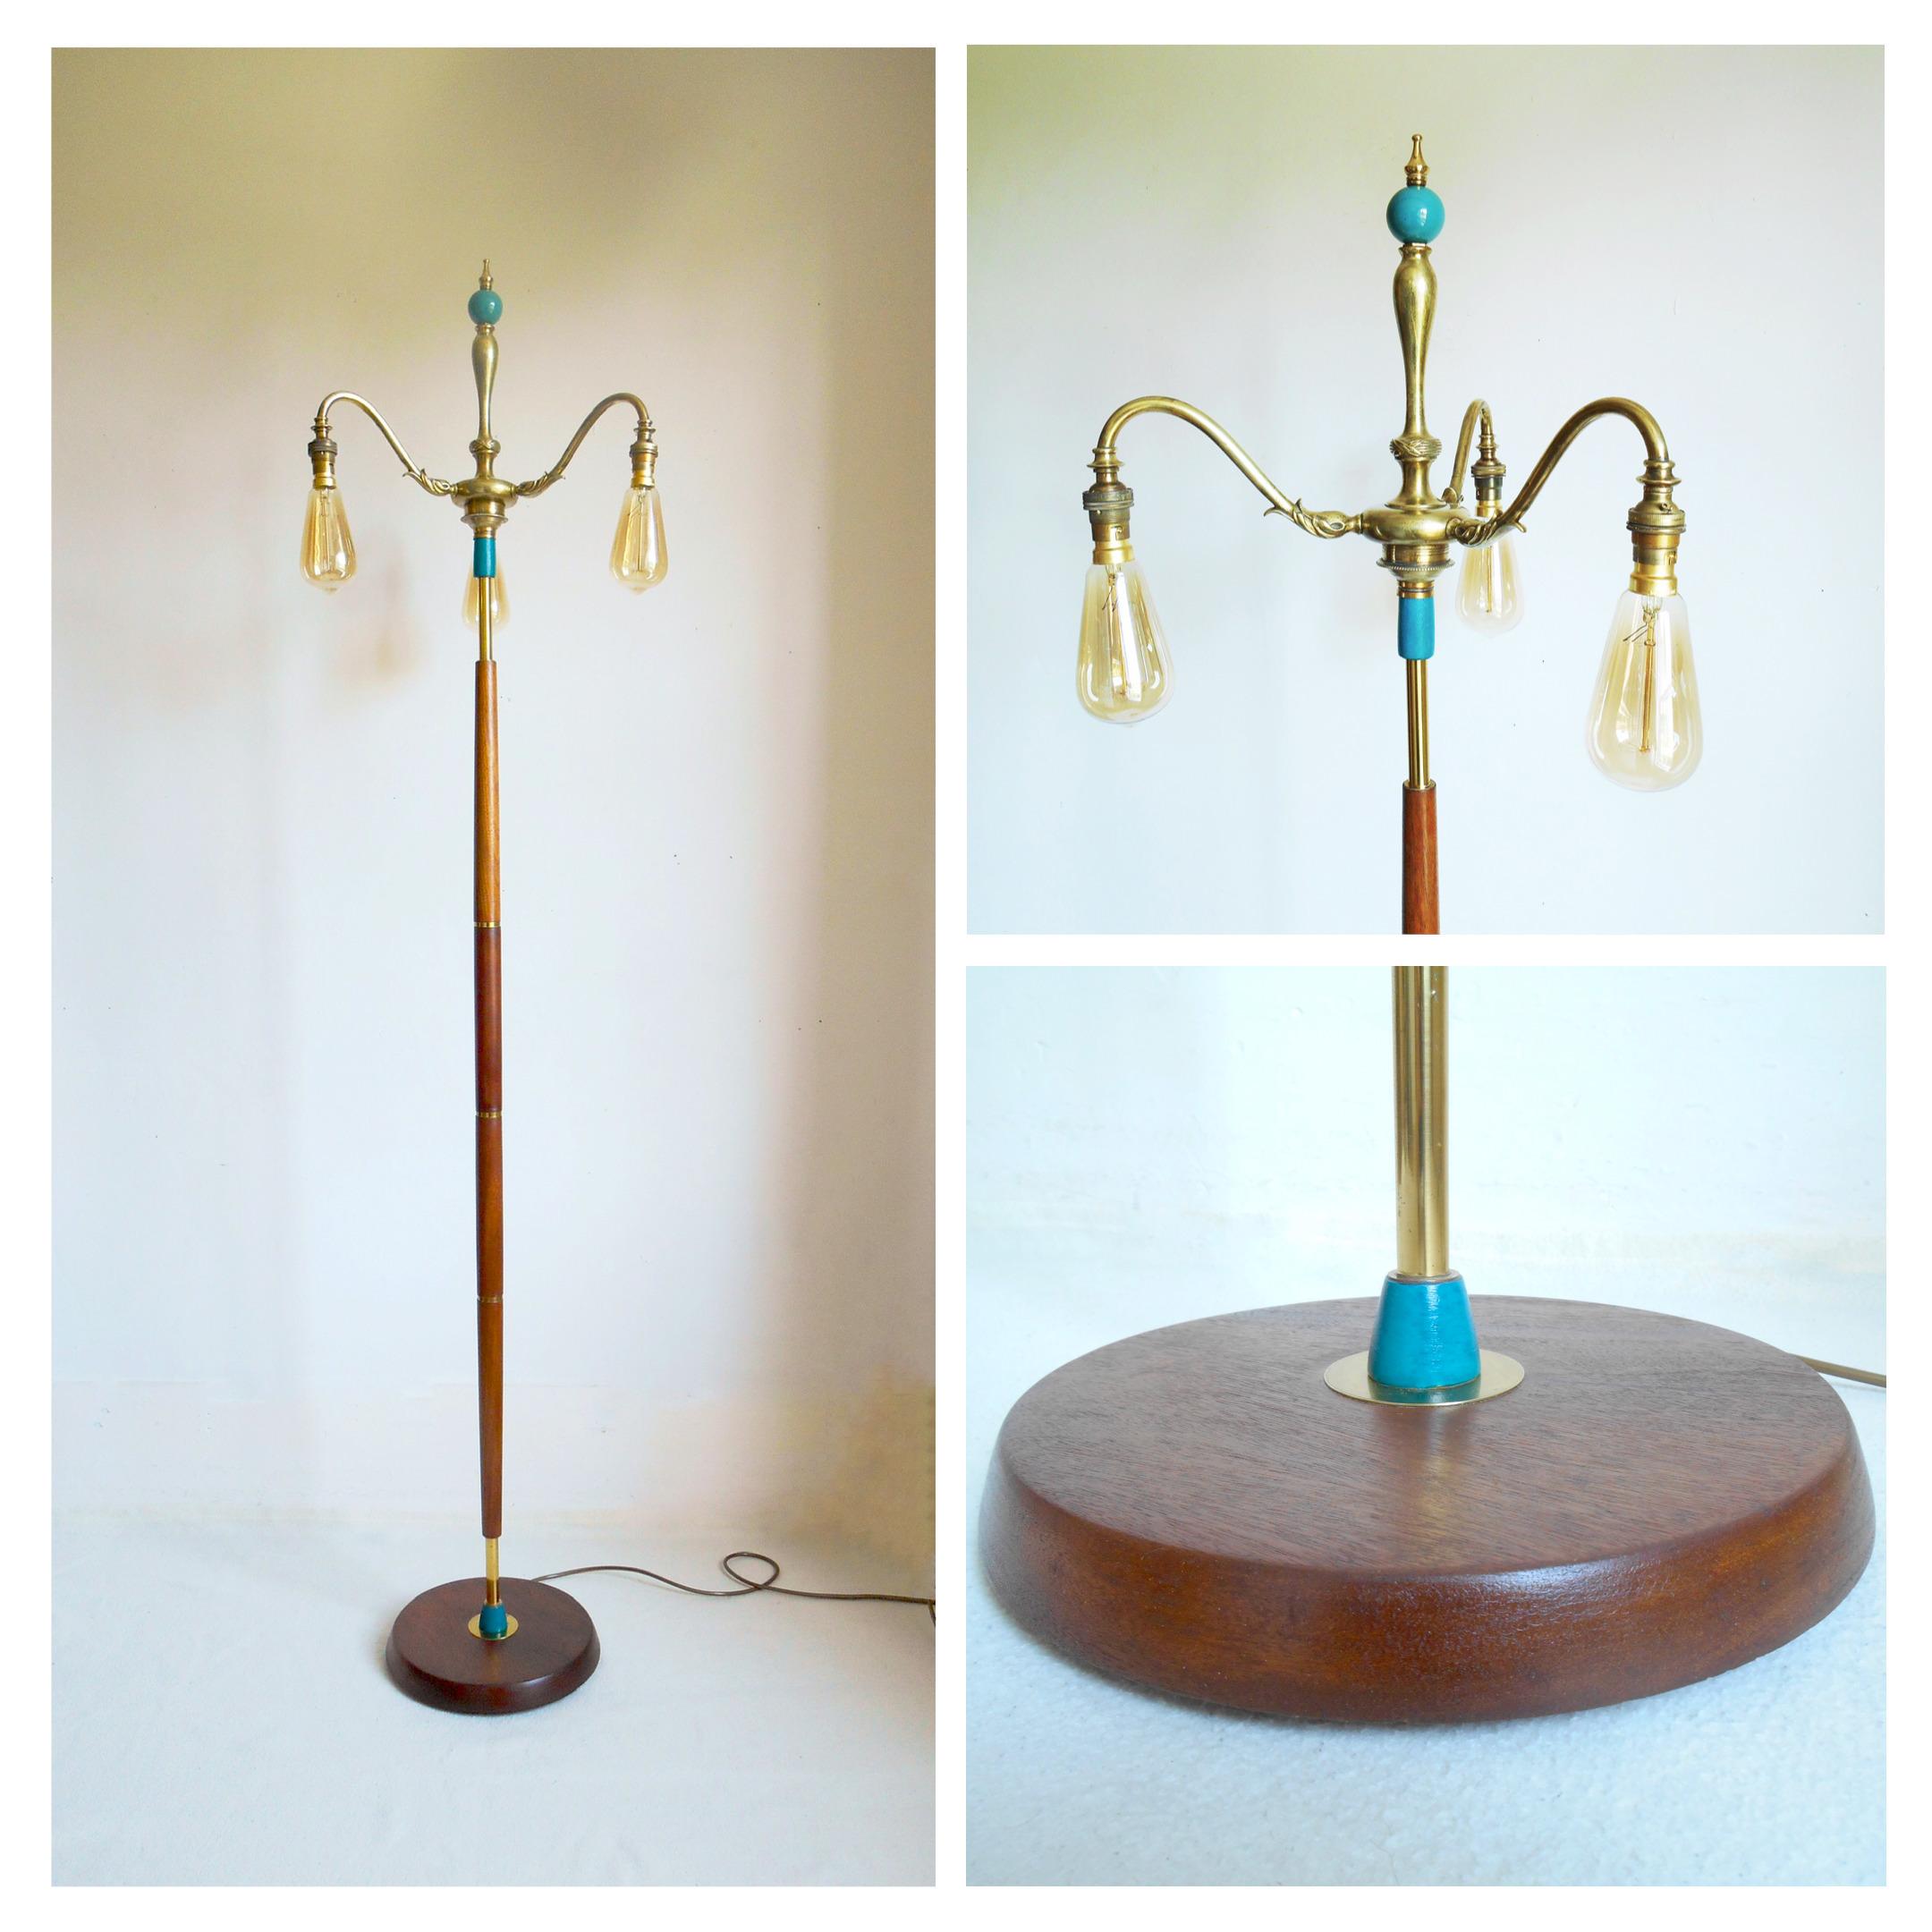 Elegant Mid Century Floor Lamp With An Antique Brass Chandelier Top